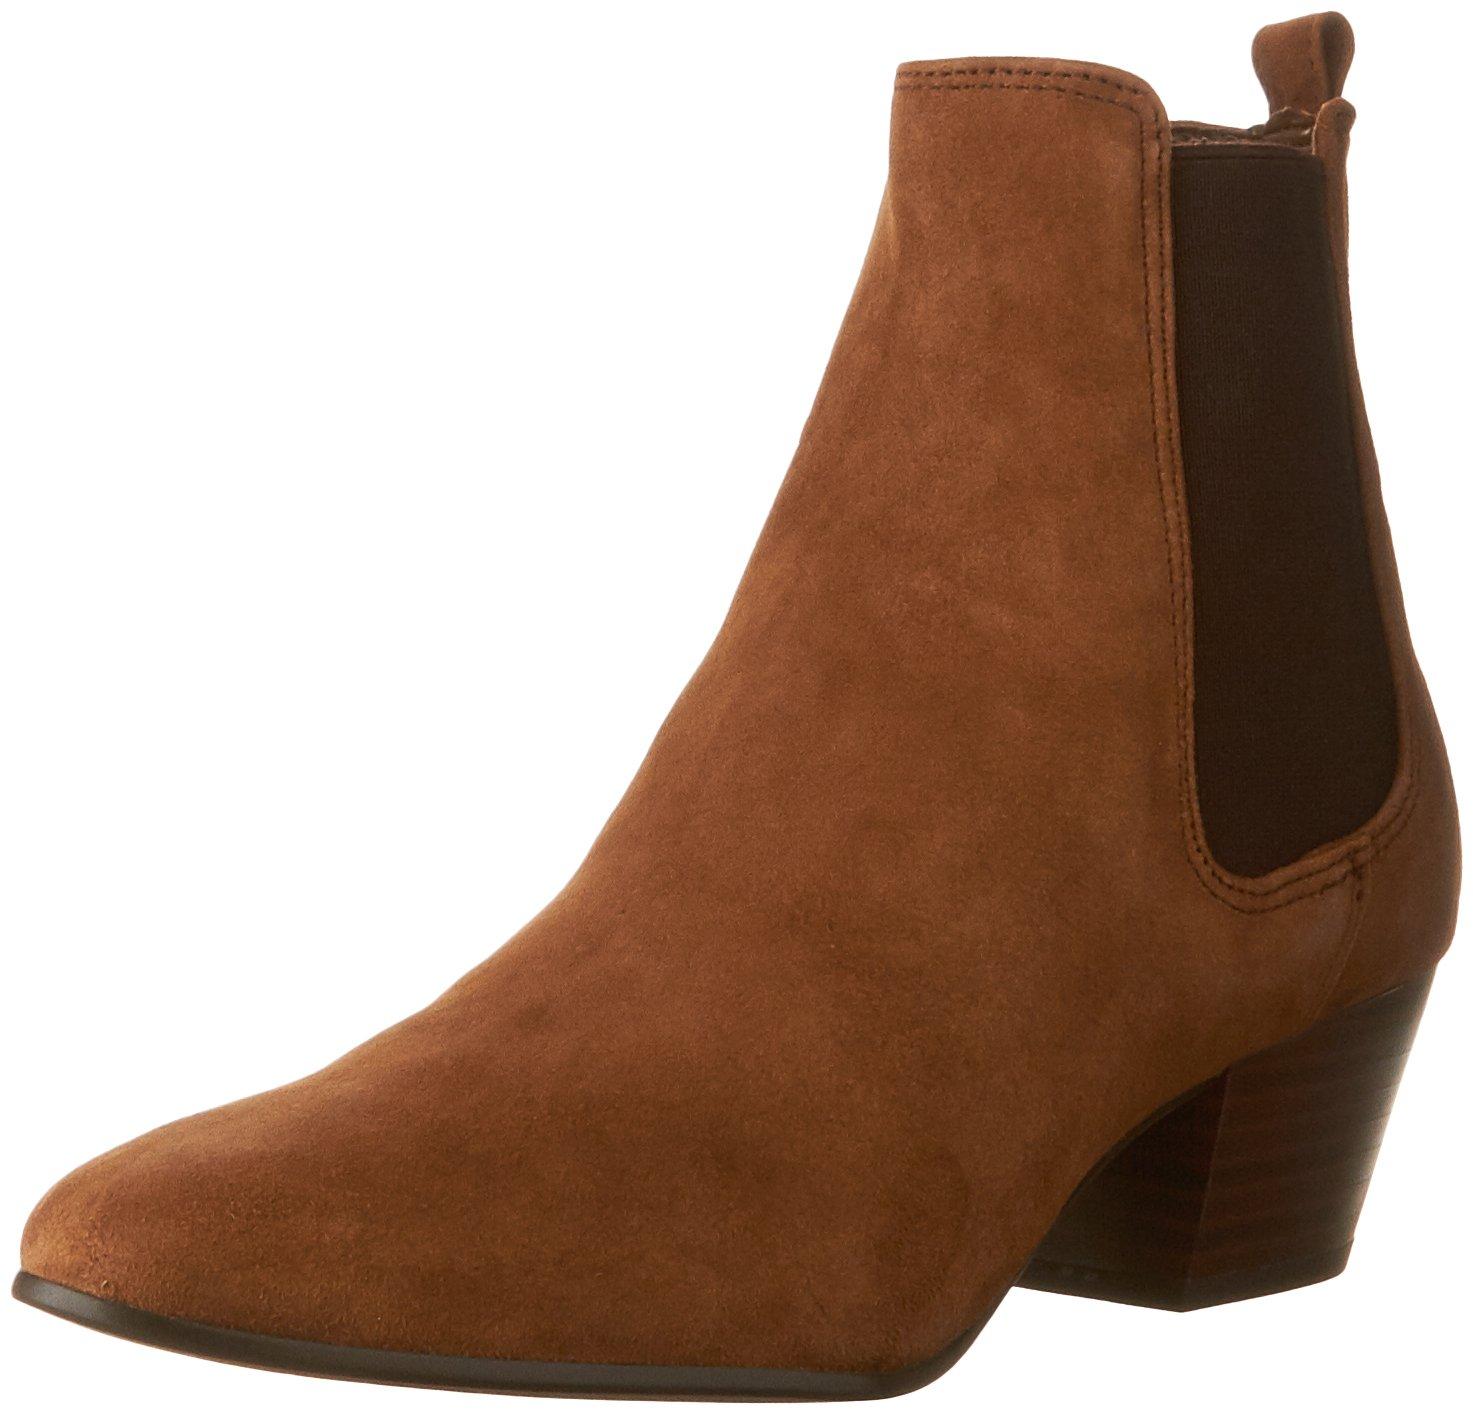 Sam Edelman Women's Reesa Ankle Bootie B01EWMCOWI 10 B(M) US|Woodland Brown